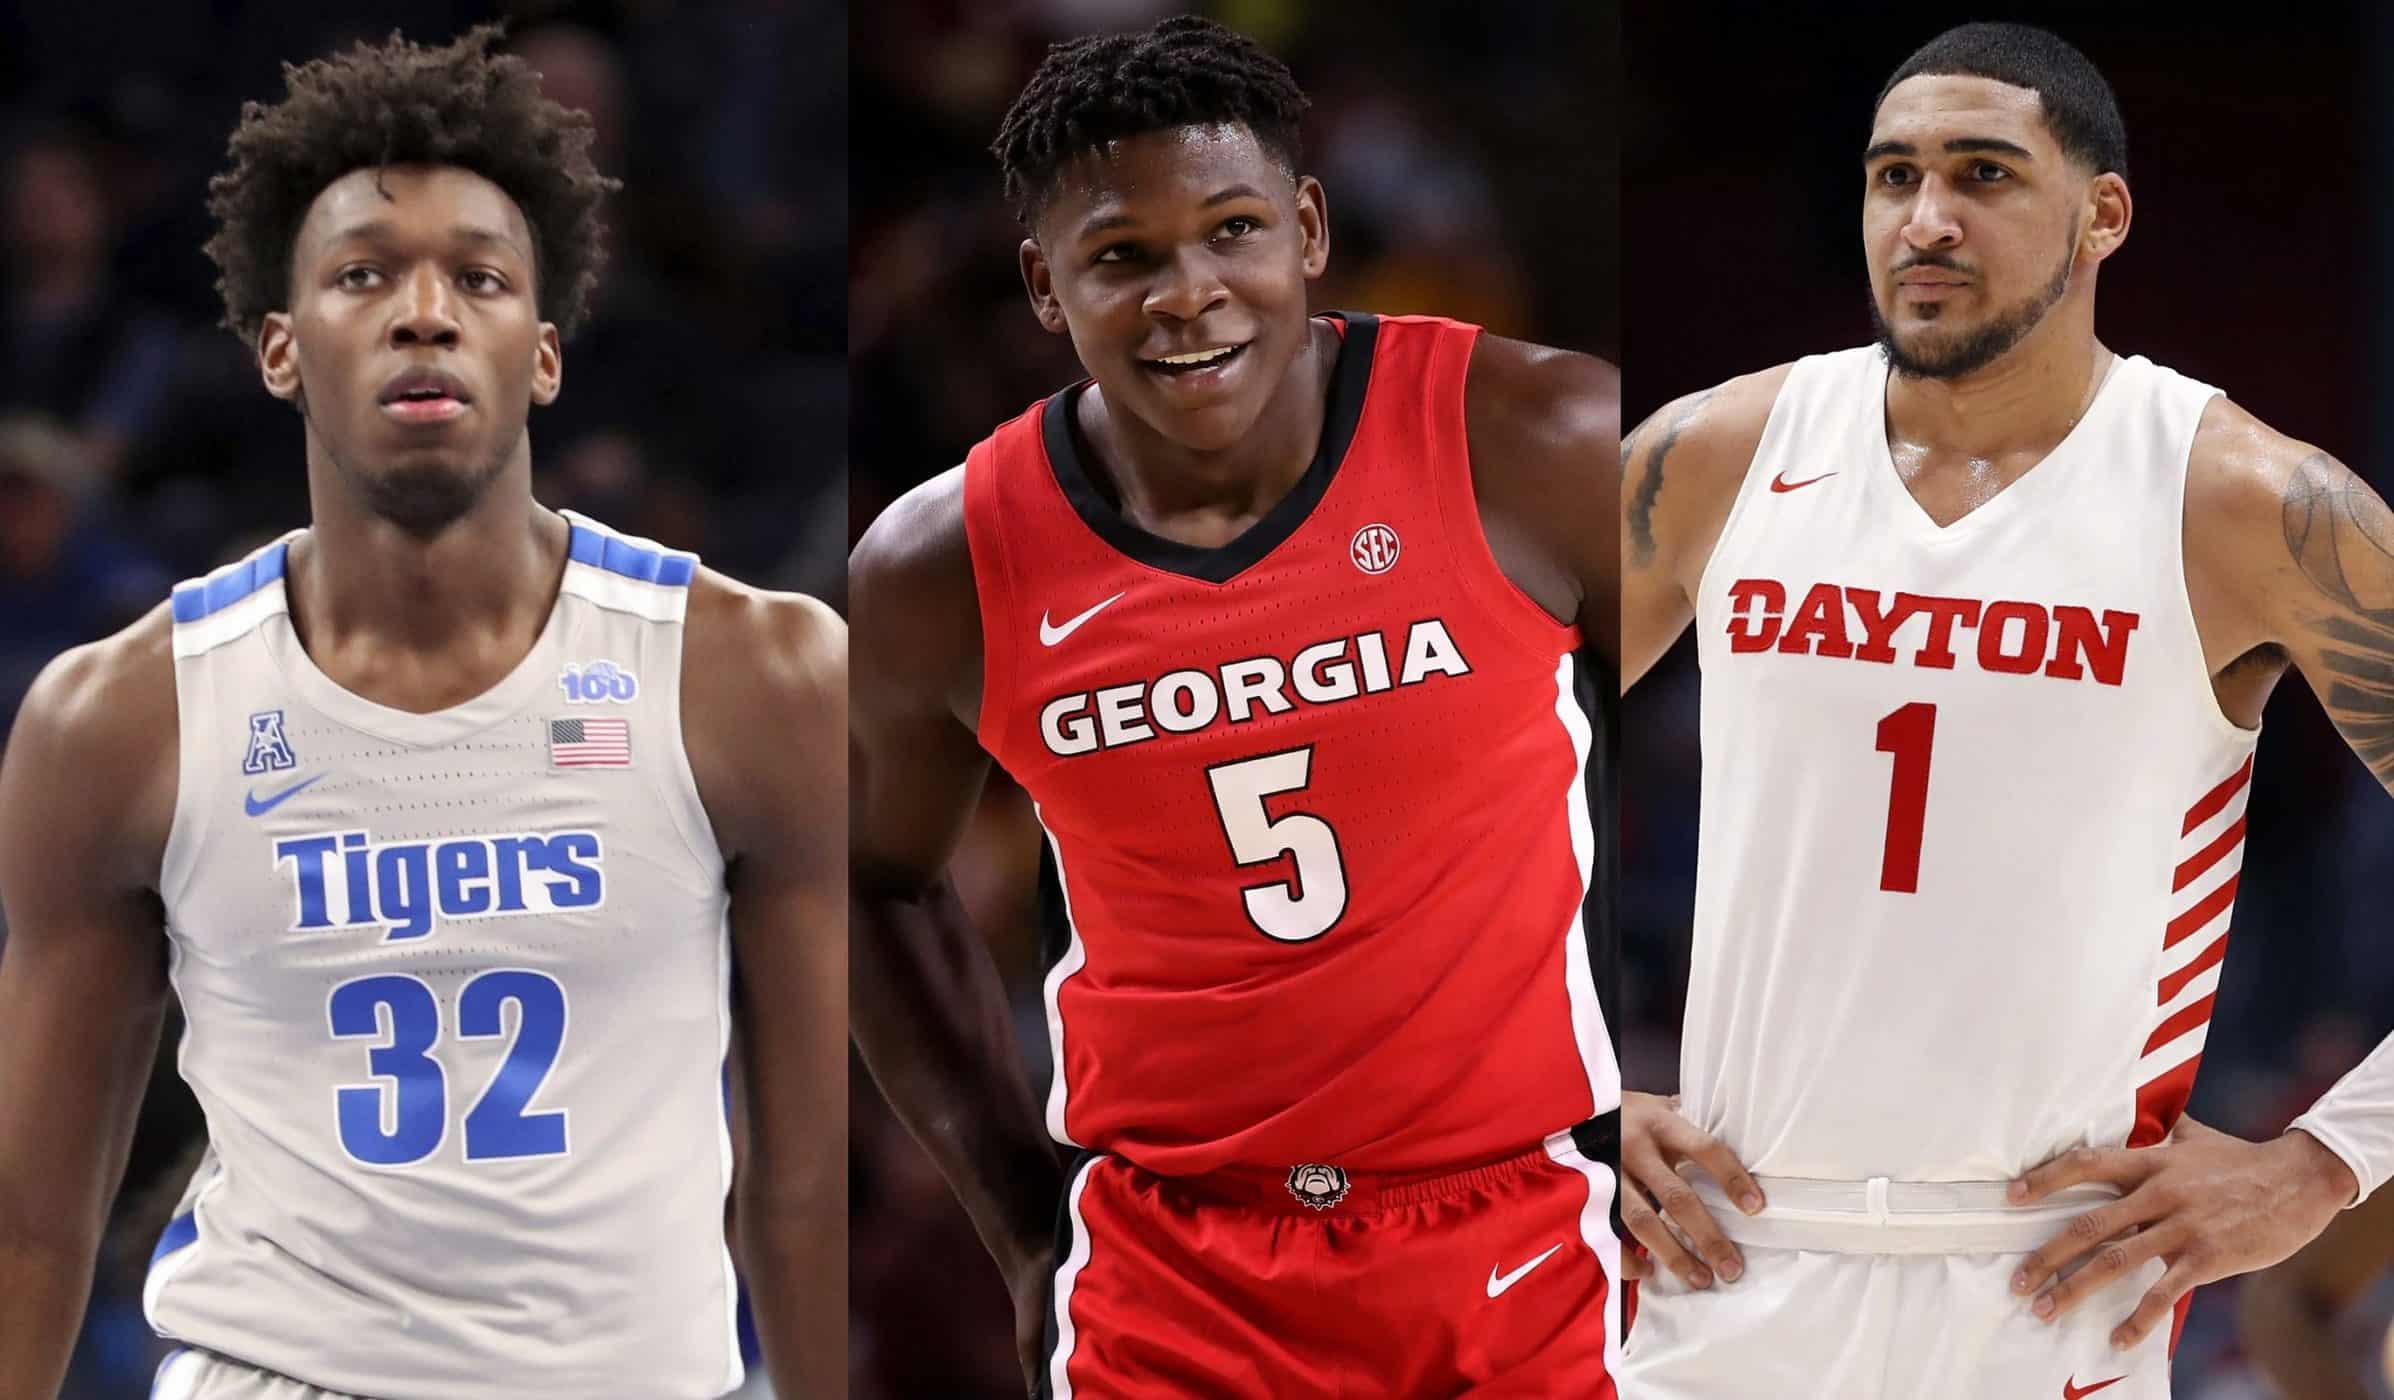 La guida al Draft NBA 2020